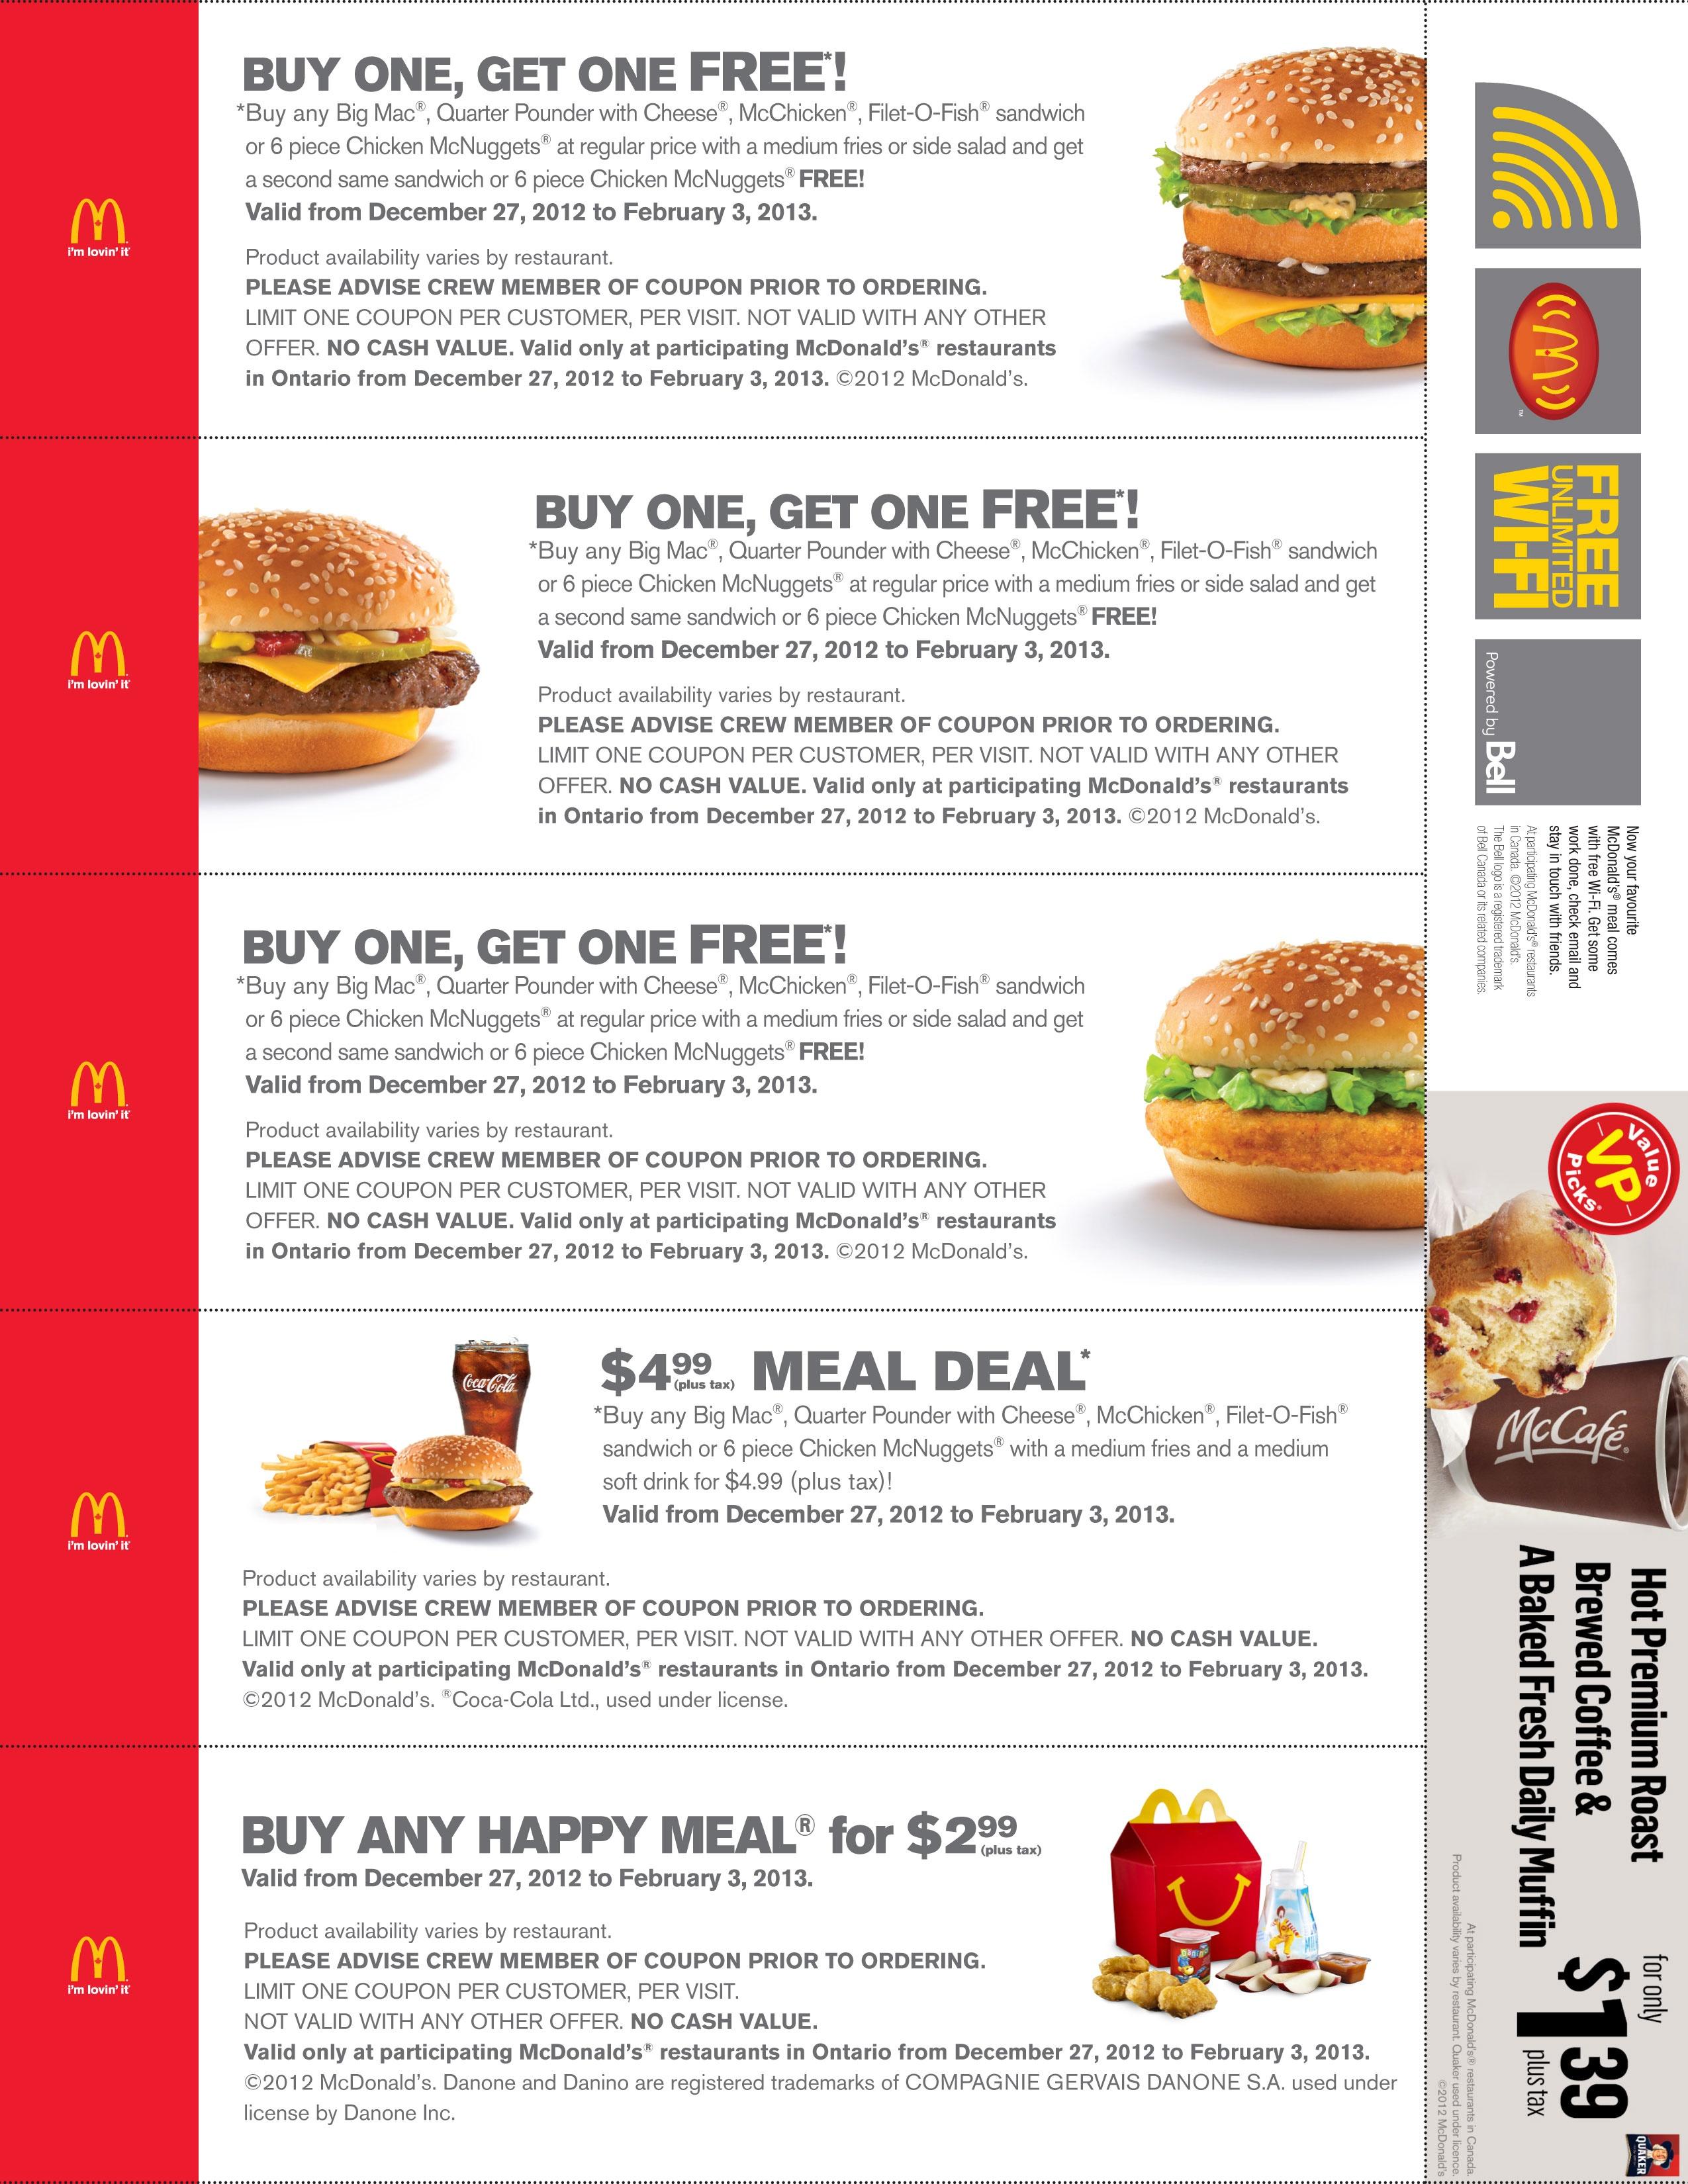 Mcdonald's Specials Bogo – Print Free Coupon (4) – Printable Coupons - Free Printable Mcdonalds Coupons Online